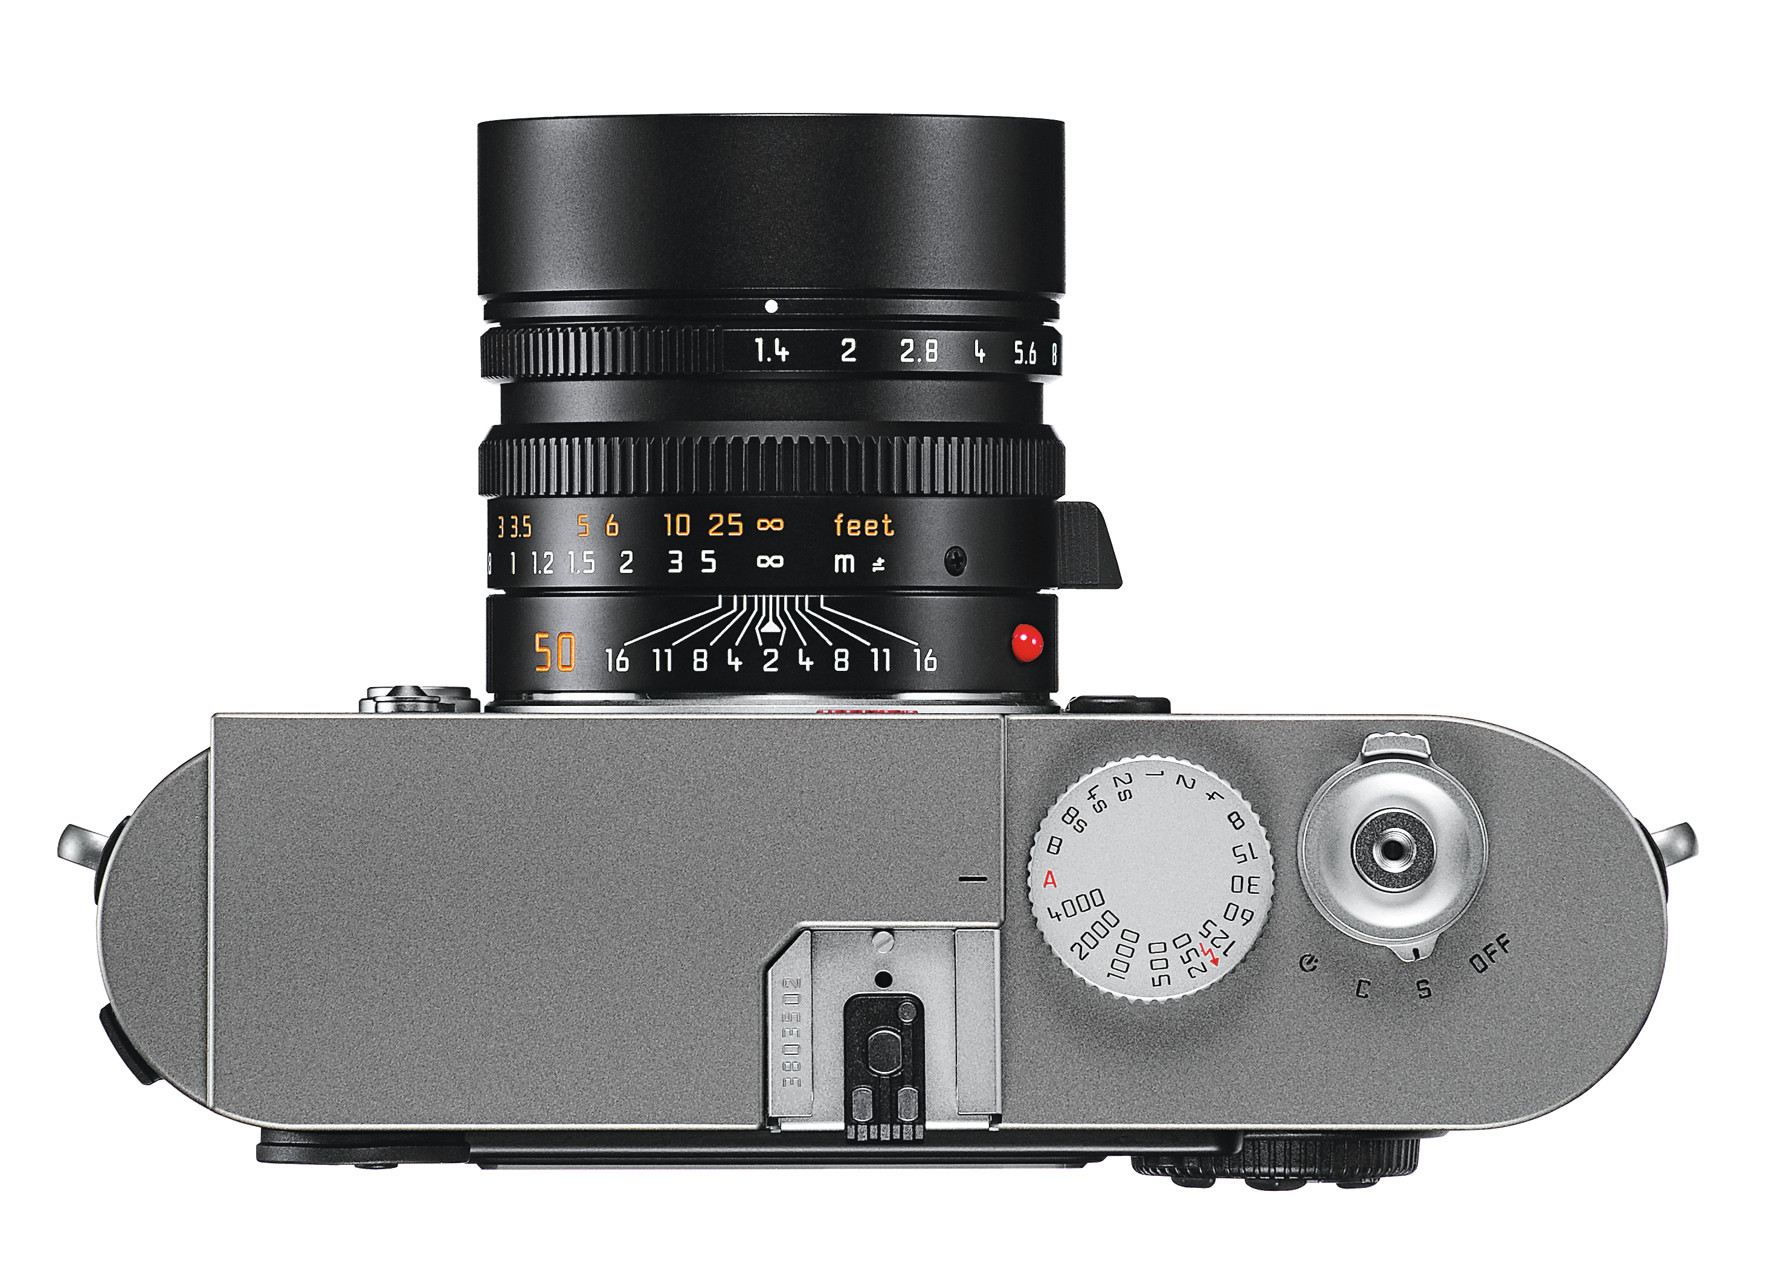 Leica stellt M9 mit Vollformatsensor vor - Leica M9 (Bild: Leica)